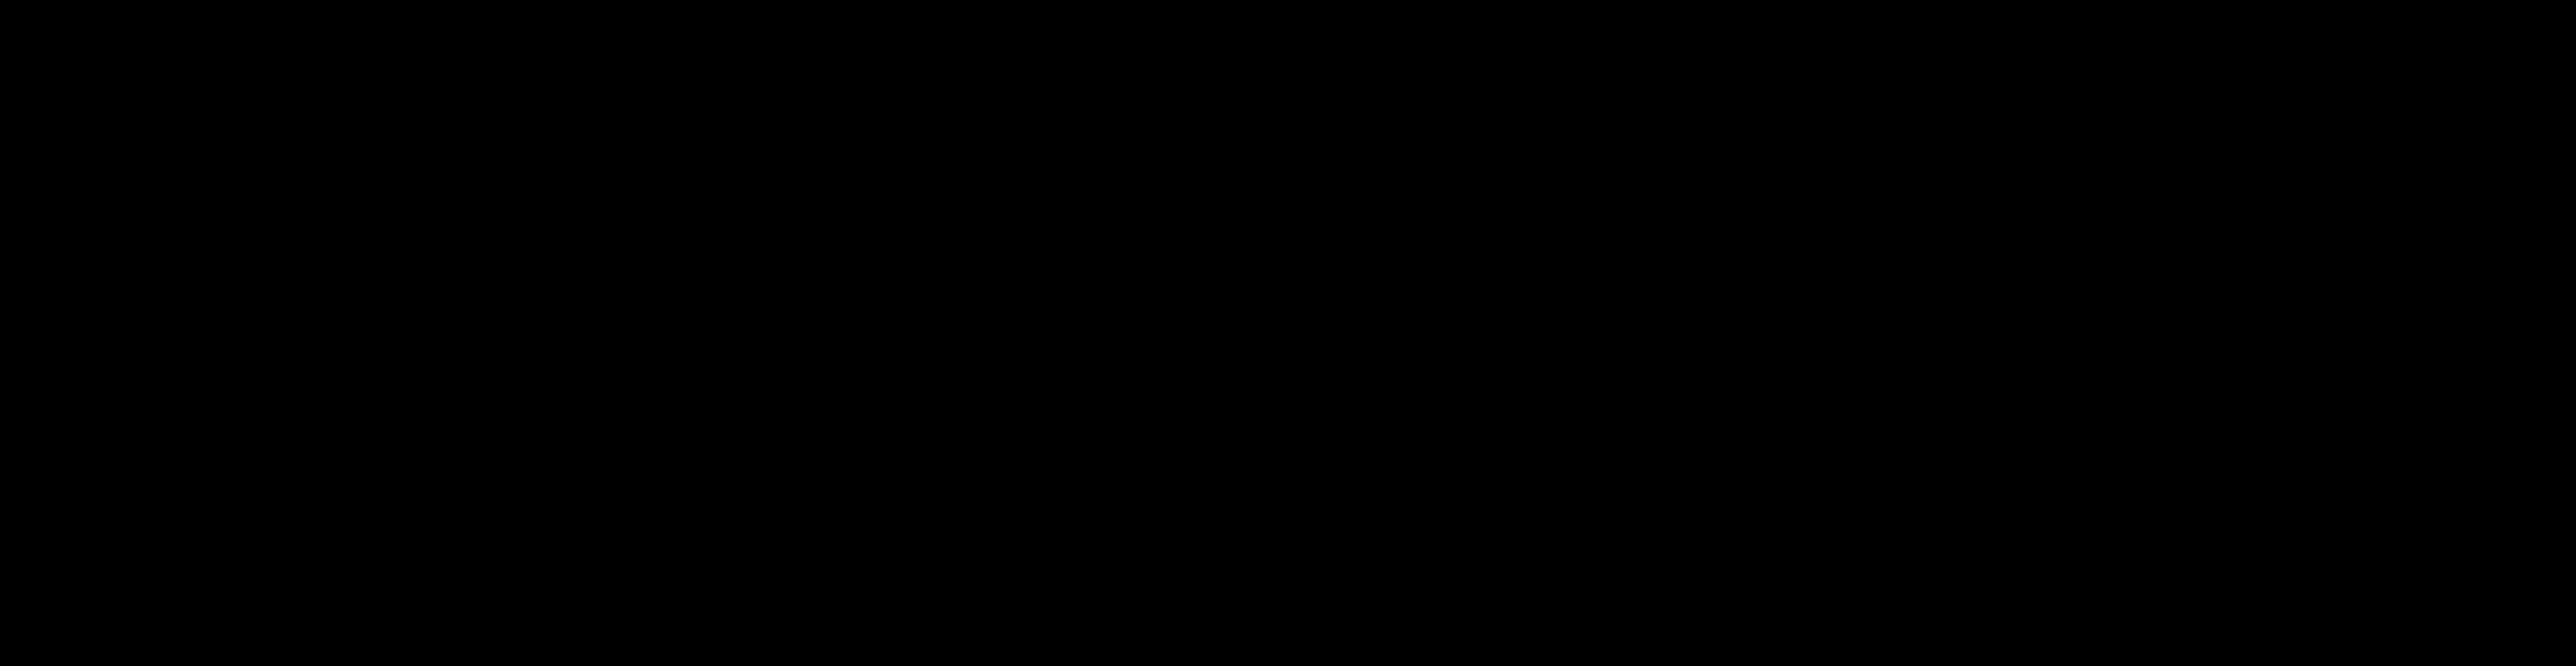 (E)-N-(3-((3-((3-Aminopropyl)amino)propyl)amino)propyl)-3-(2,4,6-tribromo-3-methoxy-d<sub>3</sub>-phenyl)acrylamidetrifluoroacetate (1:3)